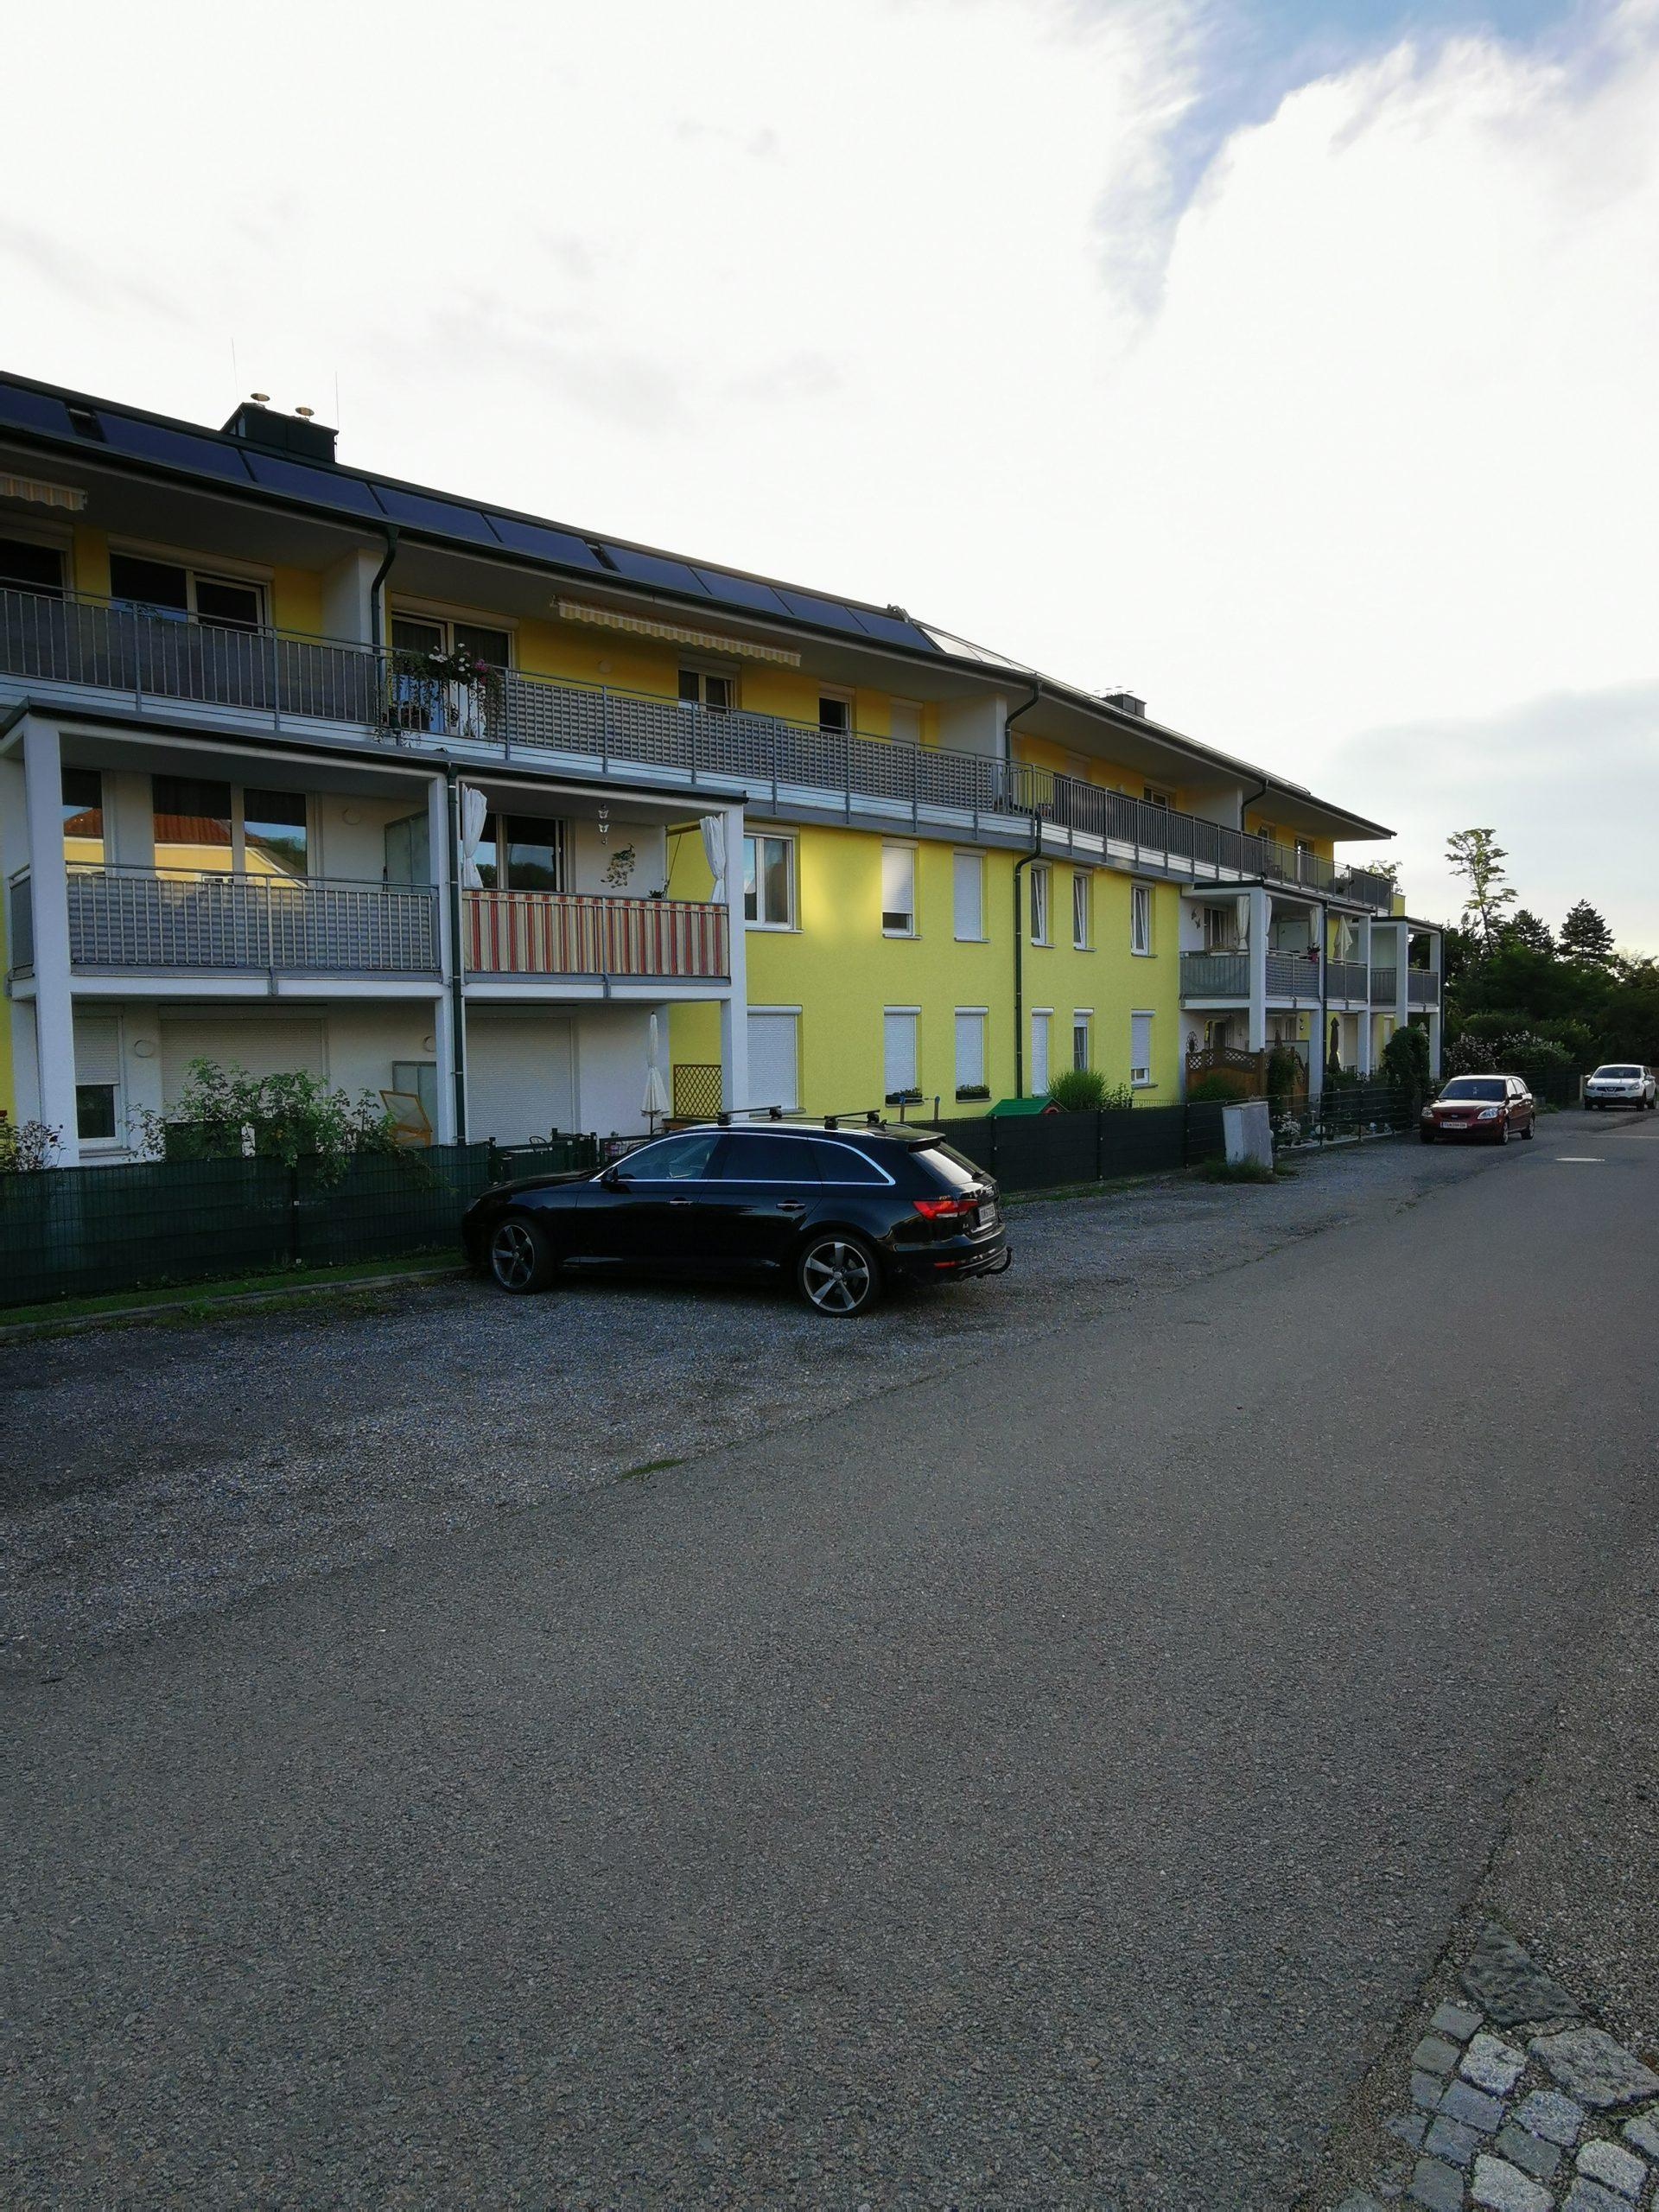 Immobilie von Kamptal in 3701 Großweikersdorf, Tulln, Großweikersdorf I/2 - Top 17 #1